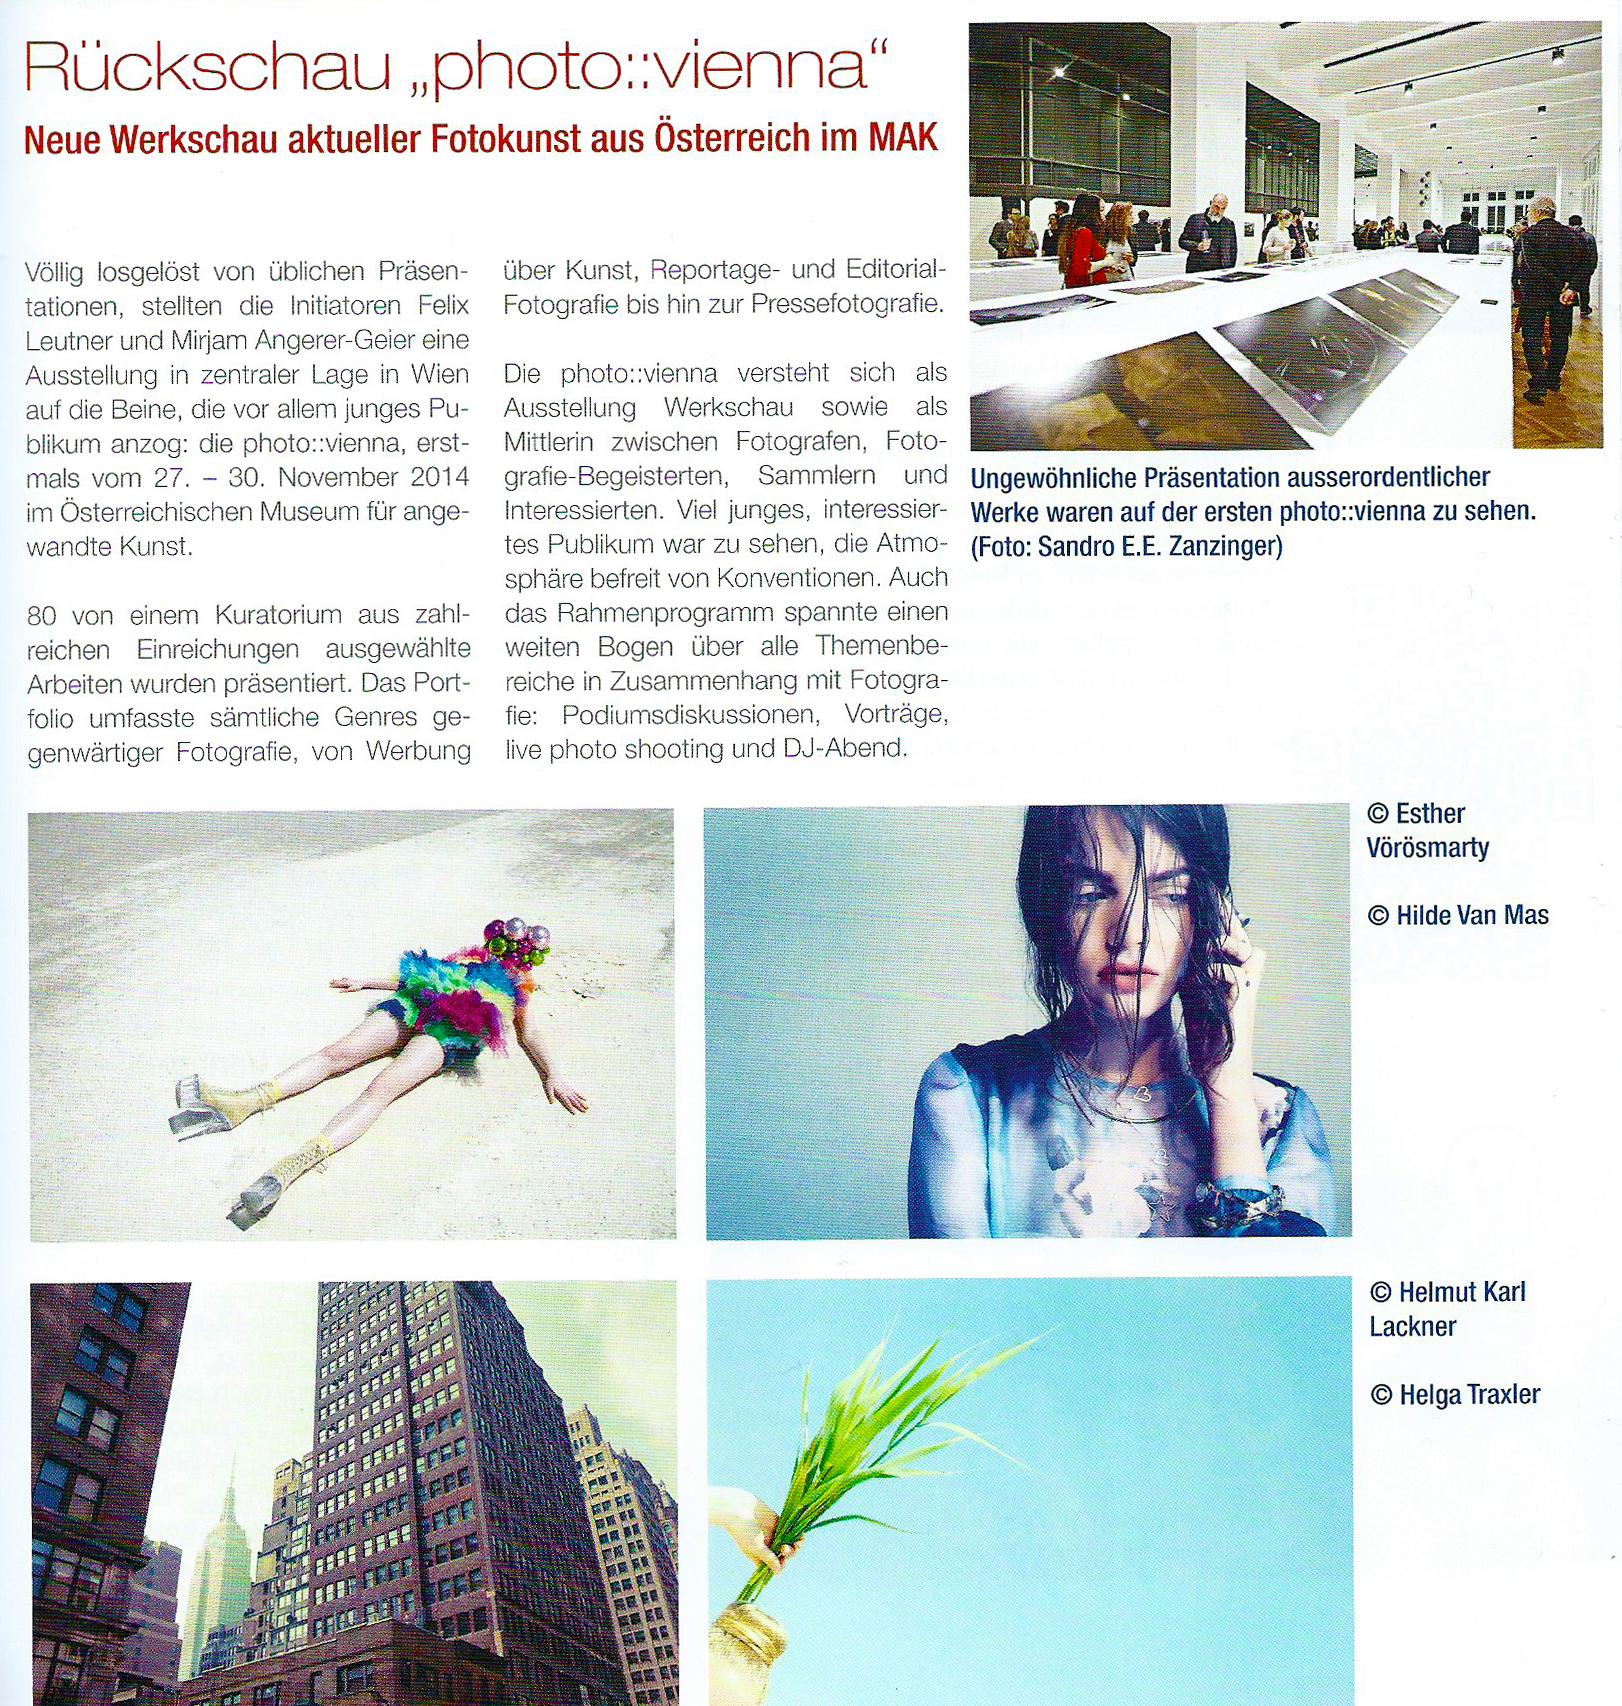 der photograph   Österreichisches Monatsjournal für angewandte Fotografie und audiovisuelle Medien